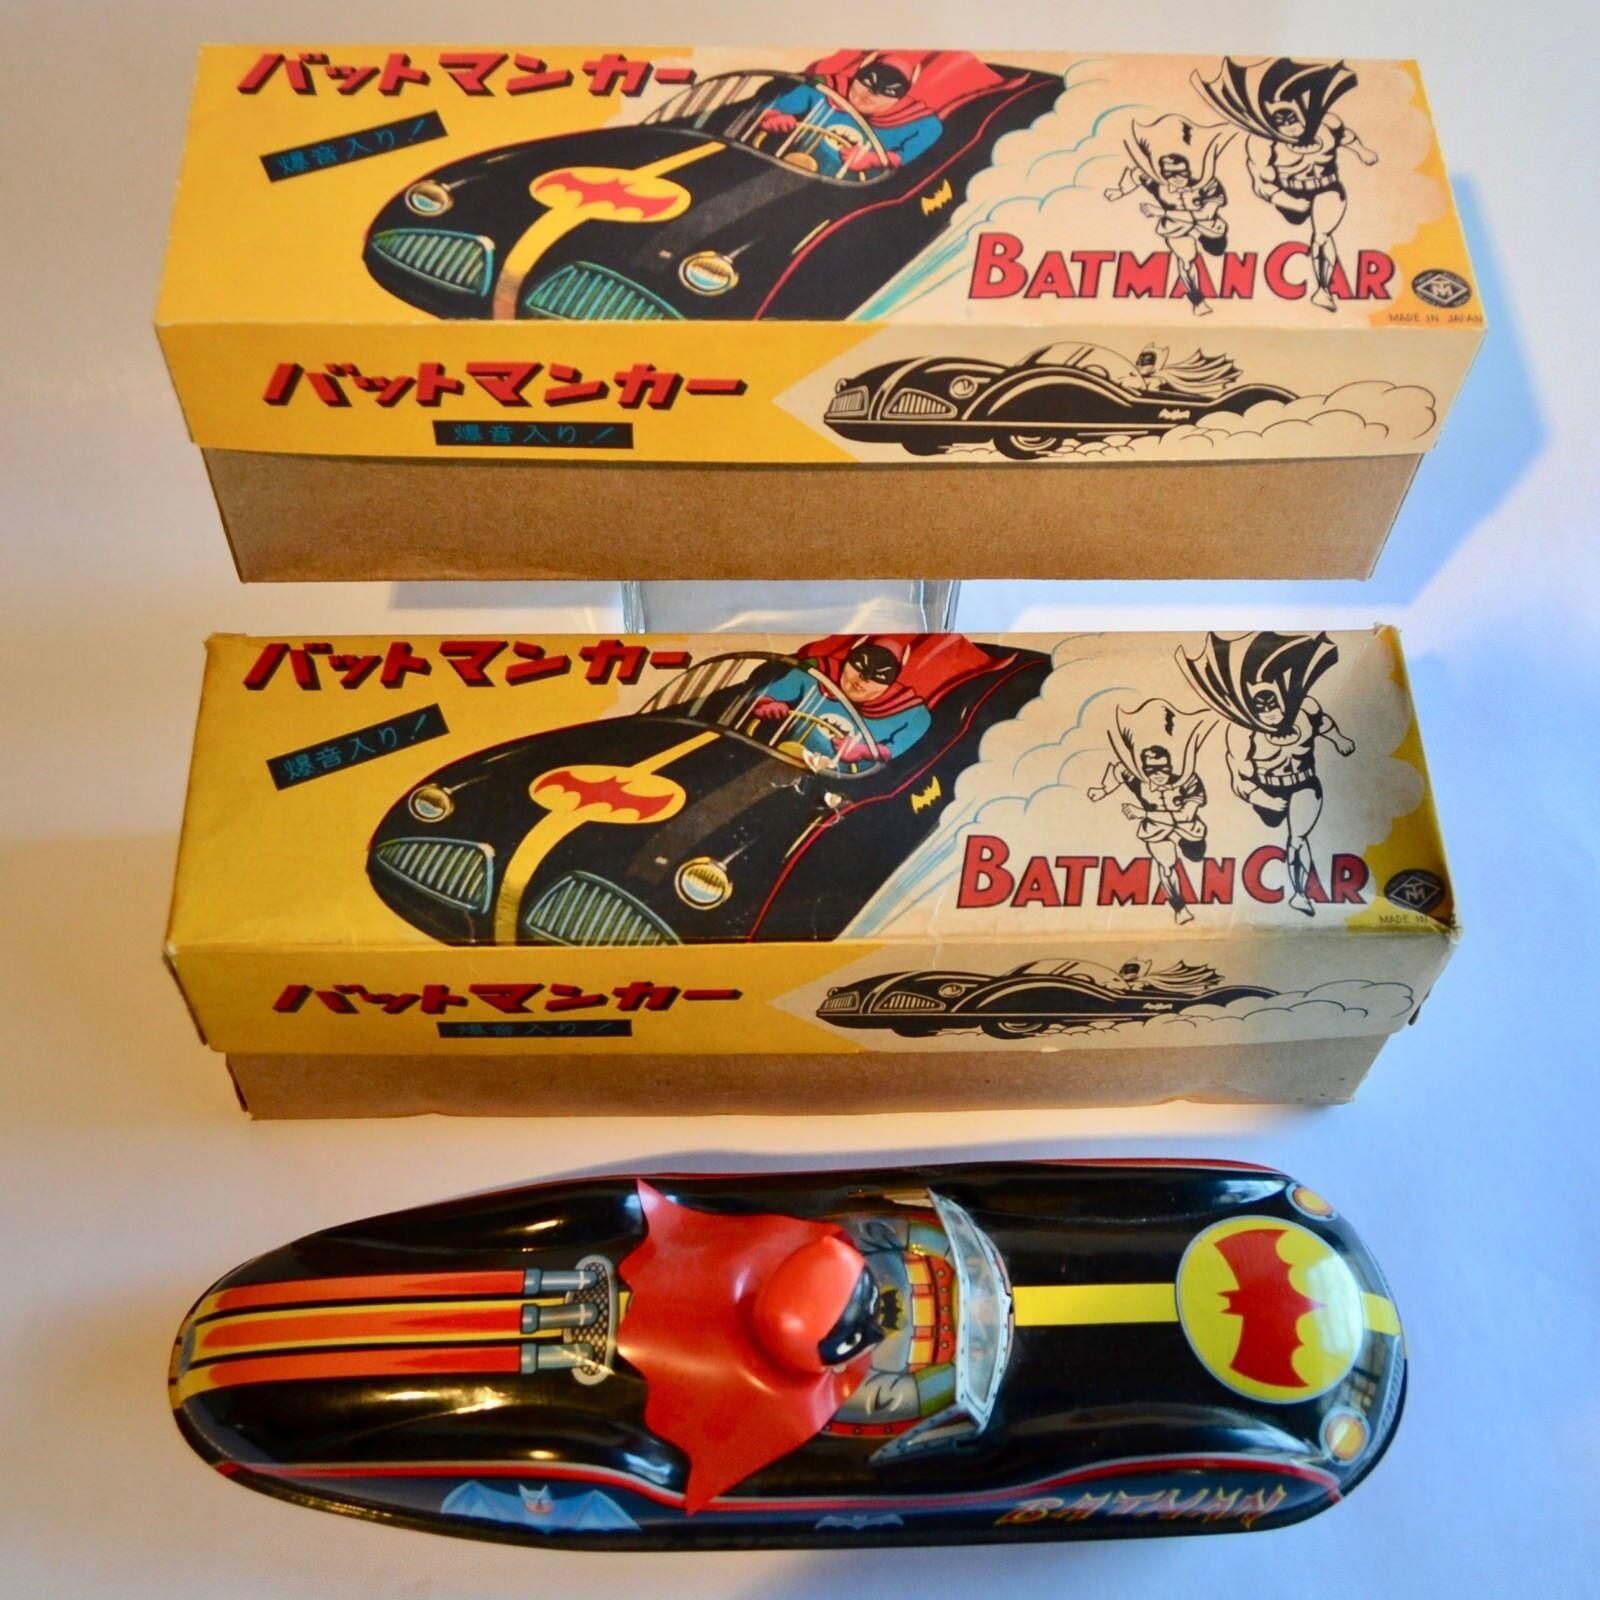 Ultra Raro BATMAN BATMOBILE estaño coche por Masudaya Japan Caja de reproducción solamente